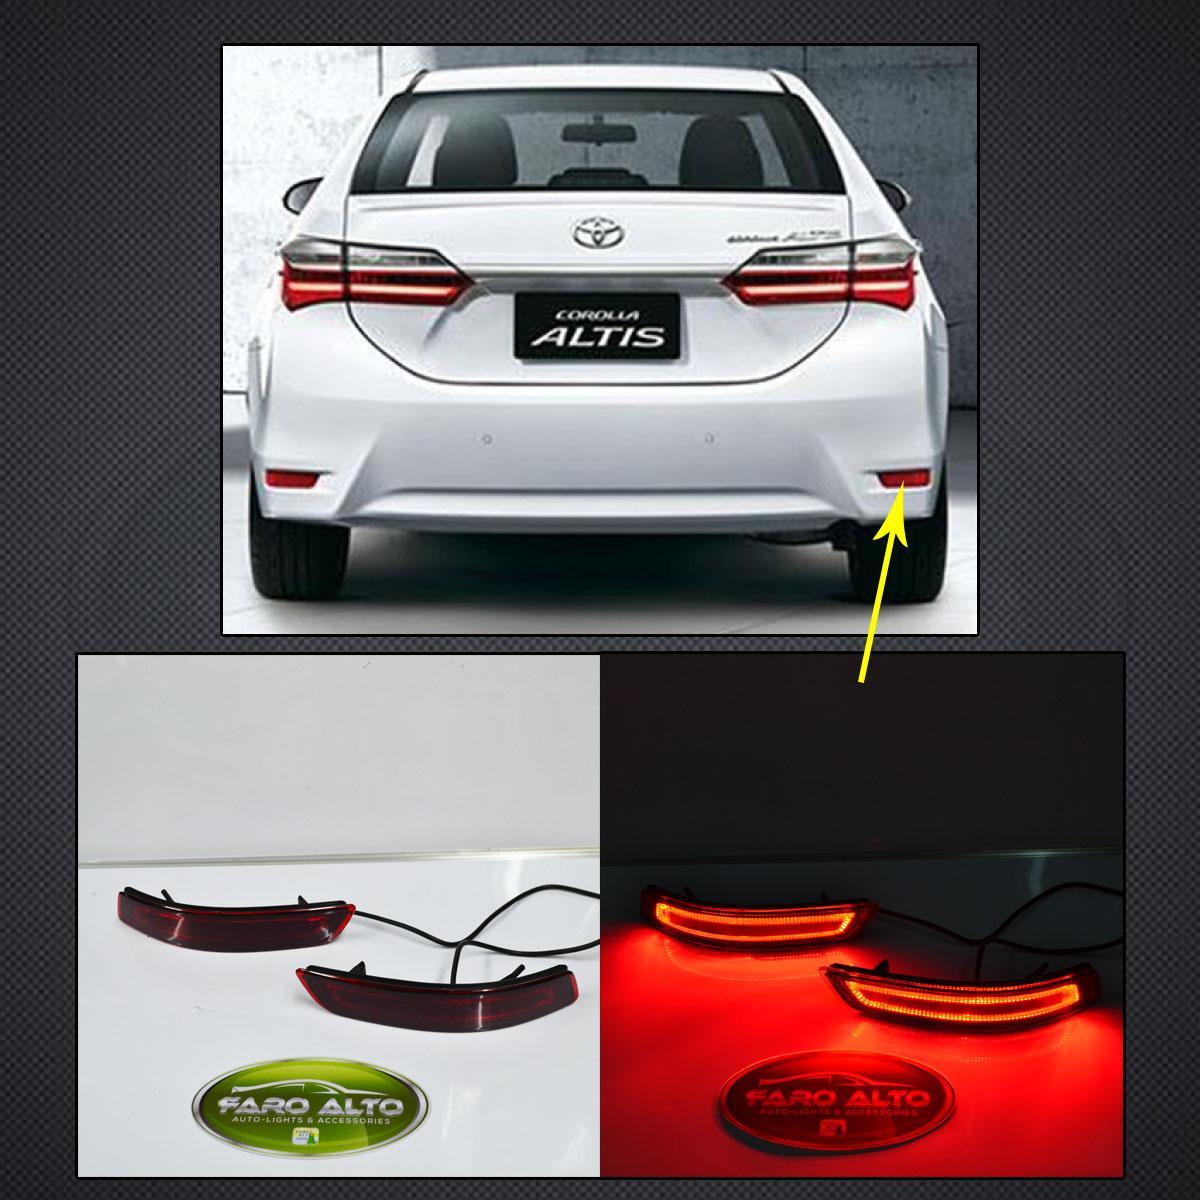 Toyota Altis 2013 - 2016 Rear Bumper Led By Faro Alto Auto-Lights & Accessories.